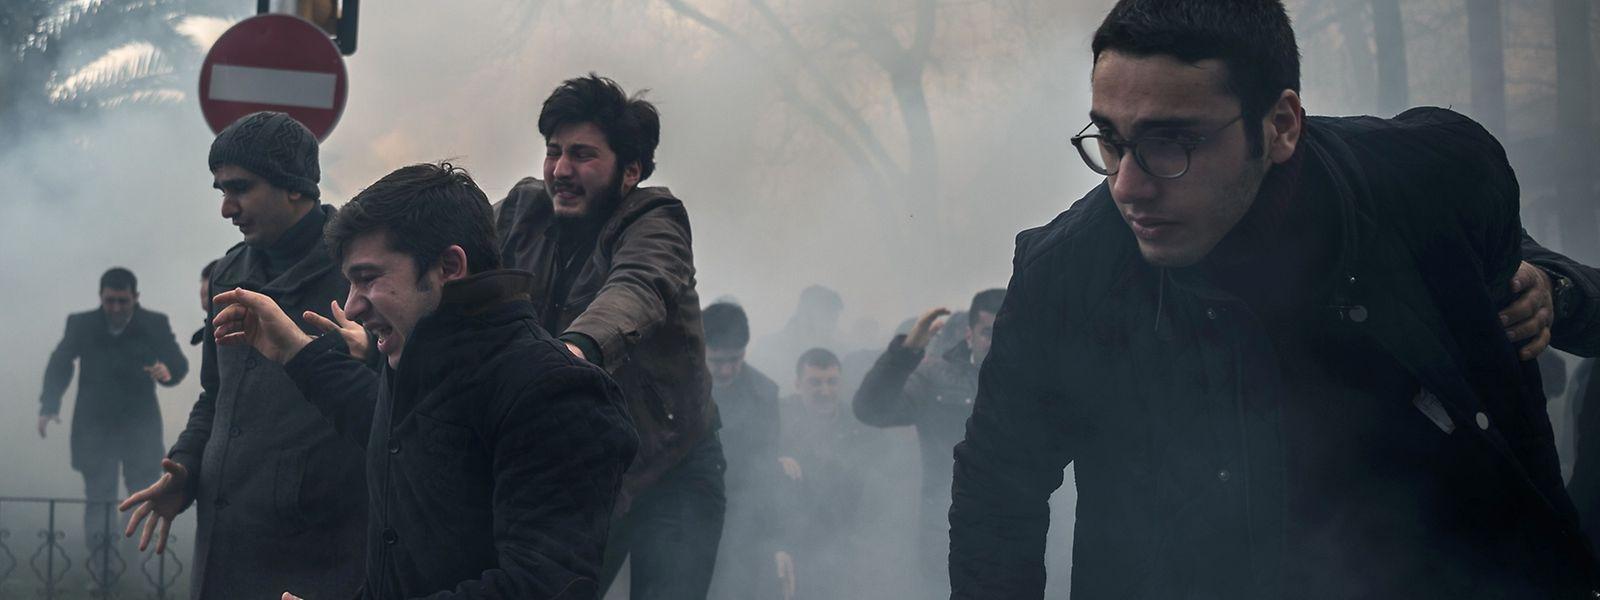 Türkische Polizisten setzten auch am Samstag wieder Tränengas gegen Demonstranten ein.